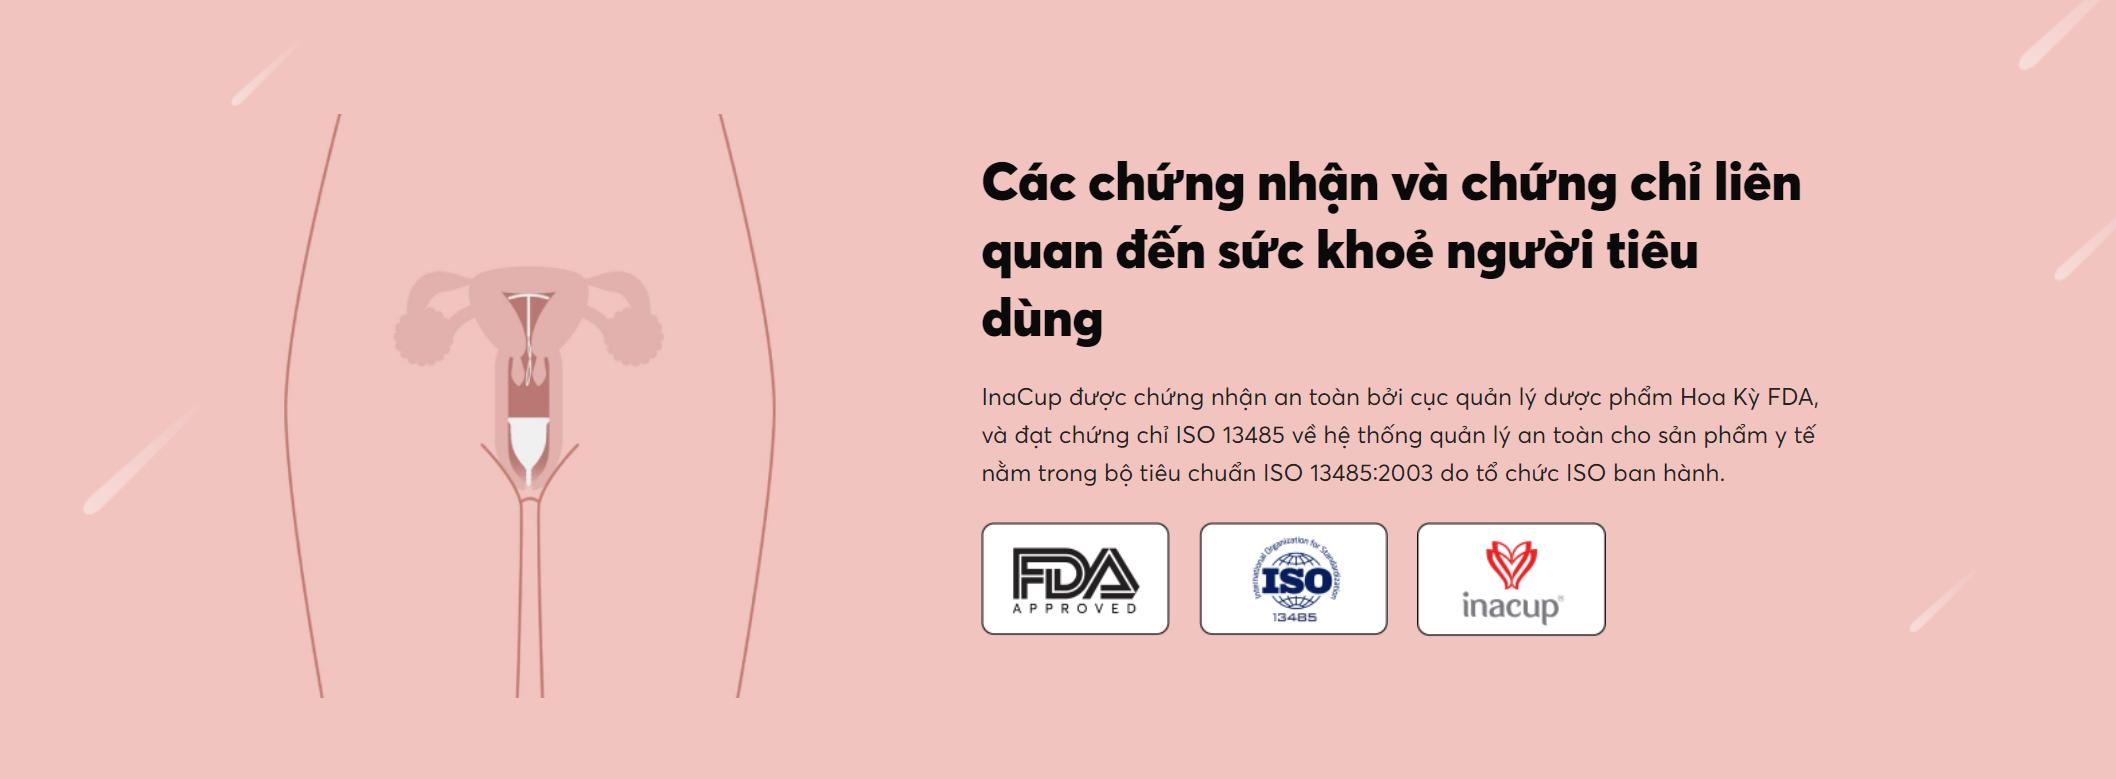 InaCup được chứng nhận an toàn bởi cục quản lý dược phẩm Hoa Kỳ FDA, và đạt chứng chỉ ISO 13485 về hệ thống quản lý an toàn cho sản phẩm y tế nằm trong bộ tiêu chuẩn ISO 13485:2003 do tổ chức ISO ban hành.